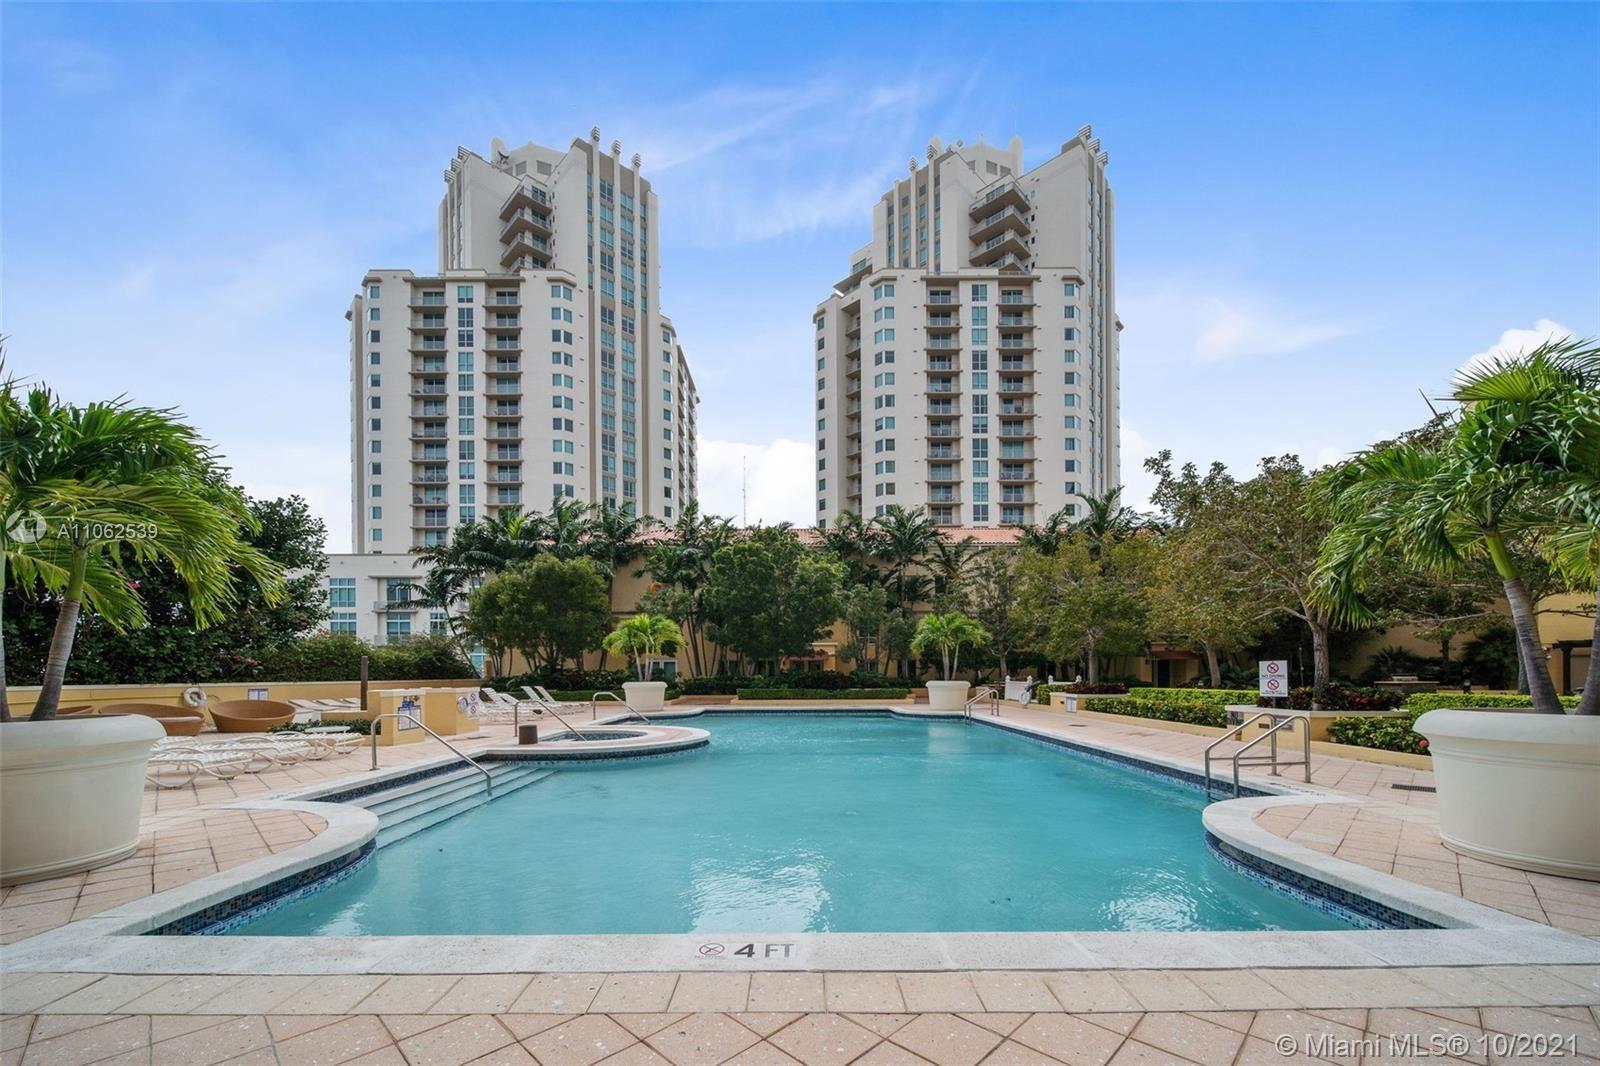 7359 SW 90th St #TH103S, Miami, FL 33156 - #: A11062539